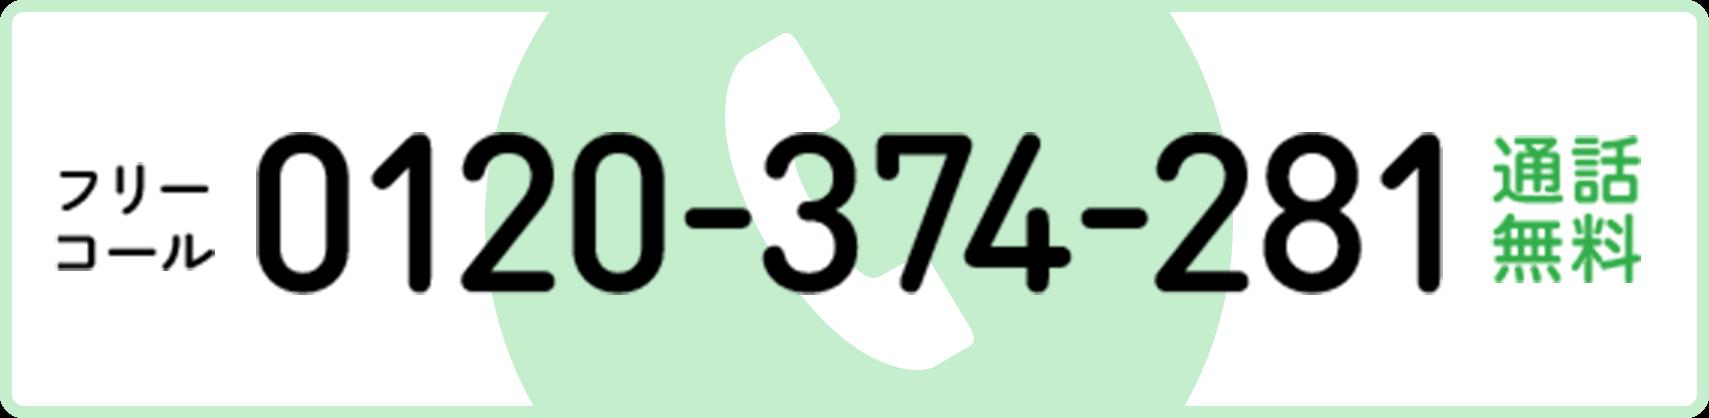 フリーコール 0120-374-281 通話無料